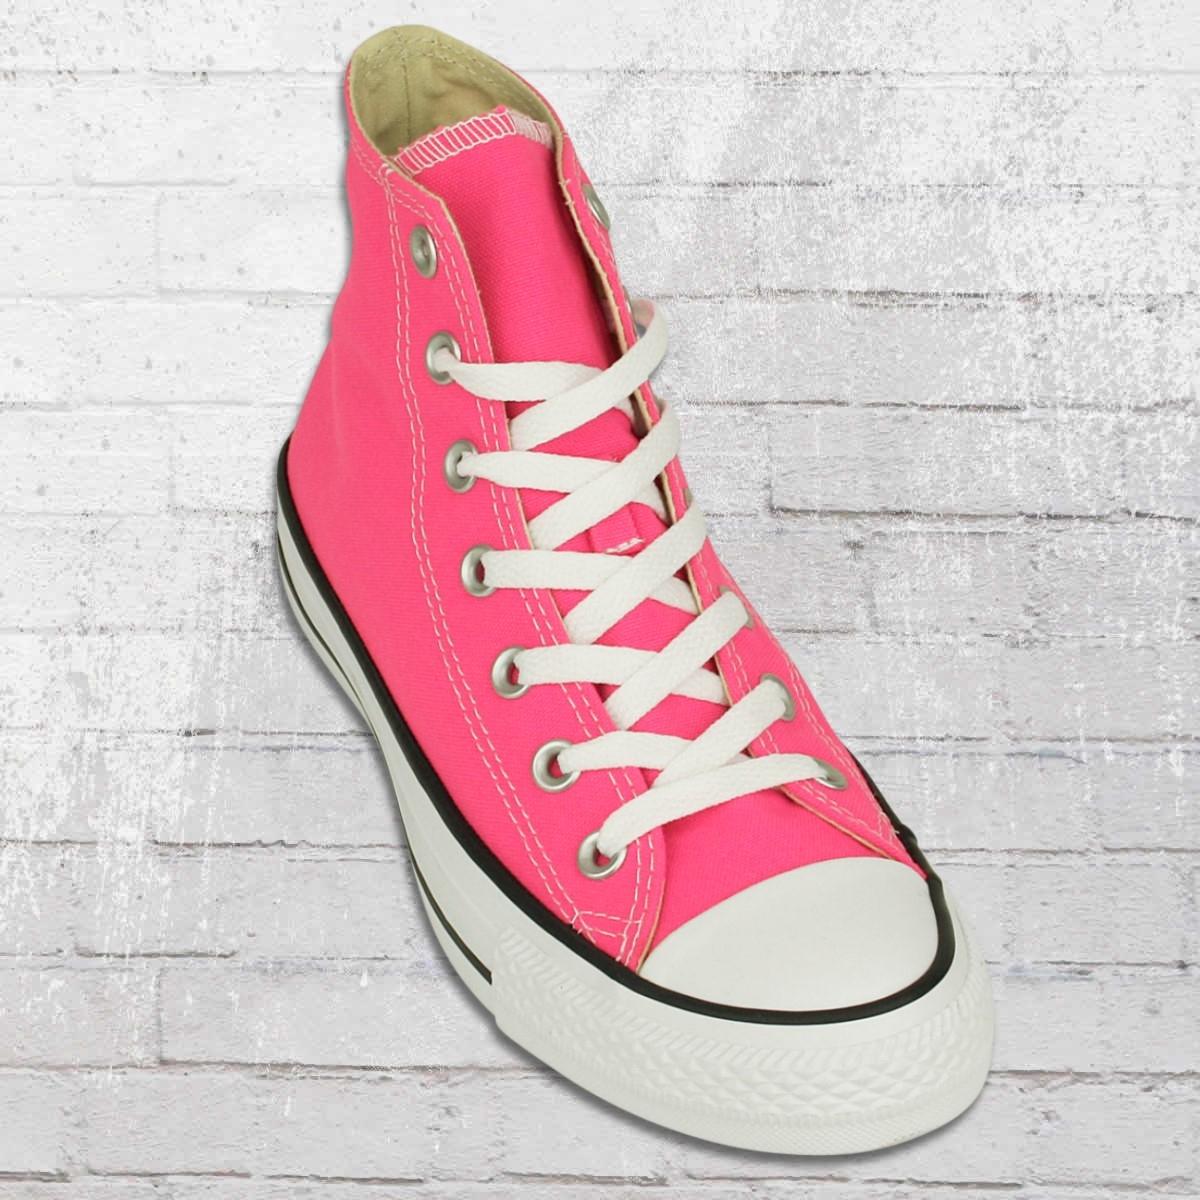 15661533166b Jetzt bestellen   Converse Unisex Chucks CT High 157612 C Schuhe ...